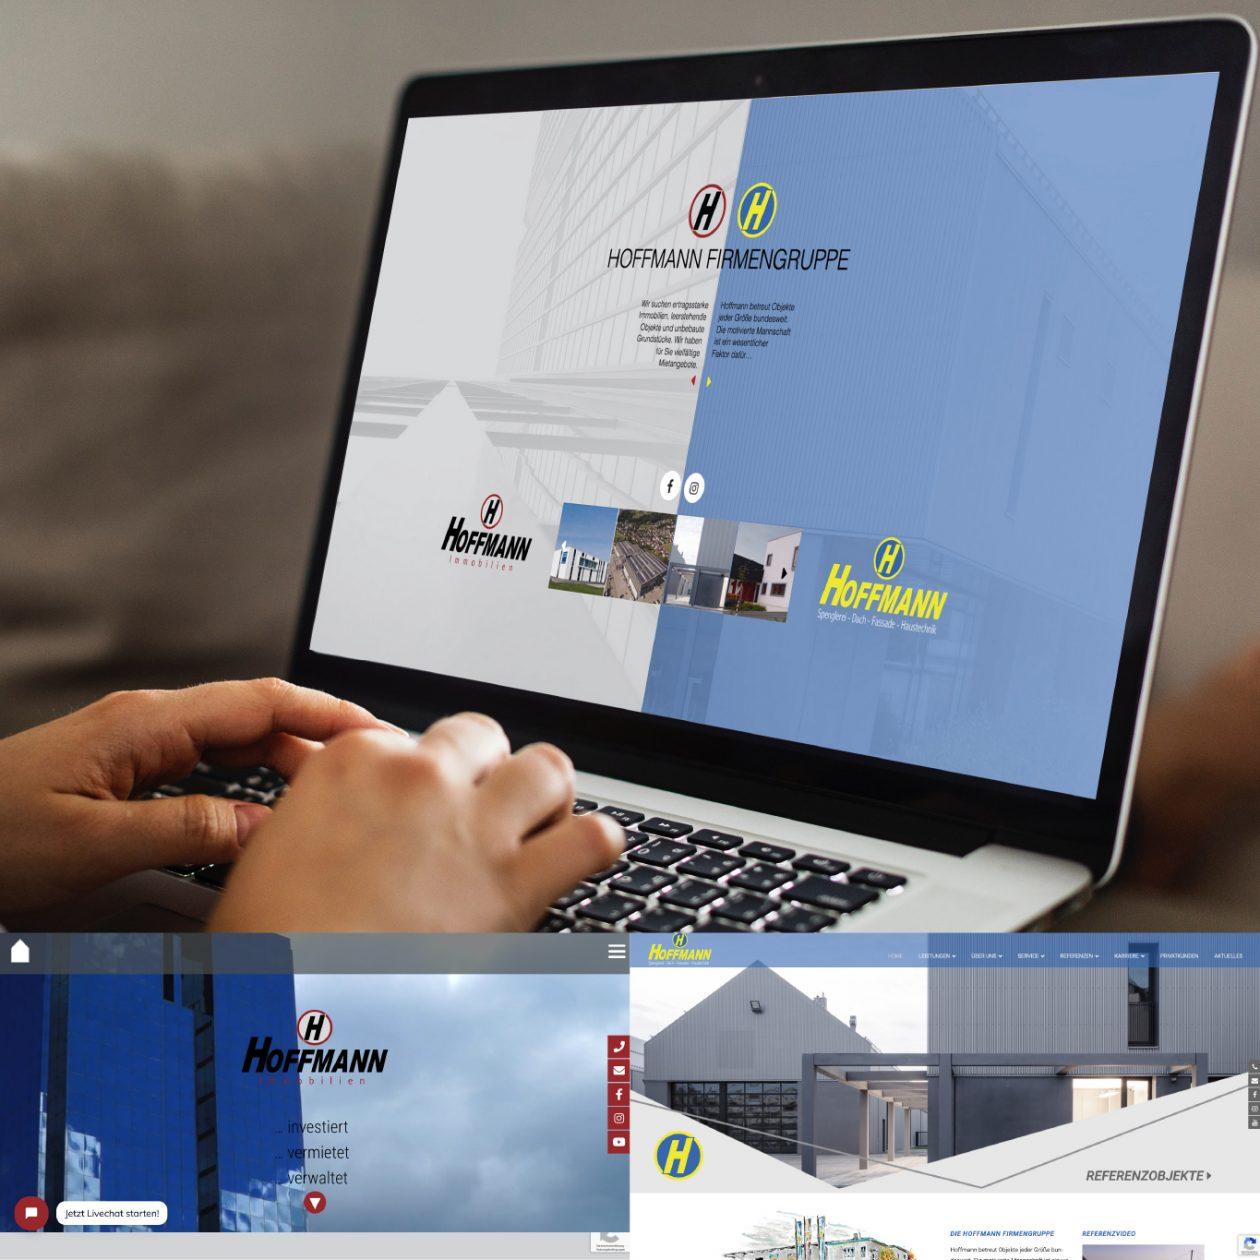 Hoffmann Firmengruppe neue Webdesign, Programmierung